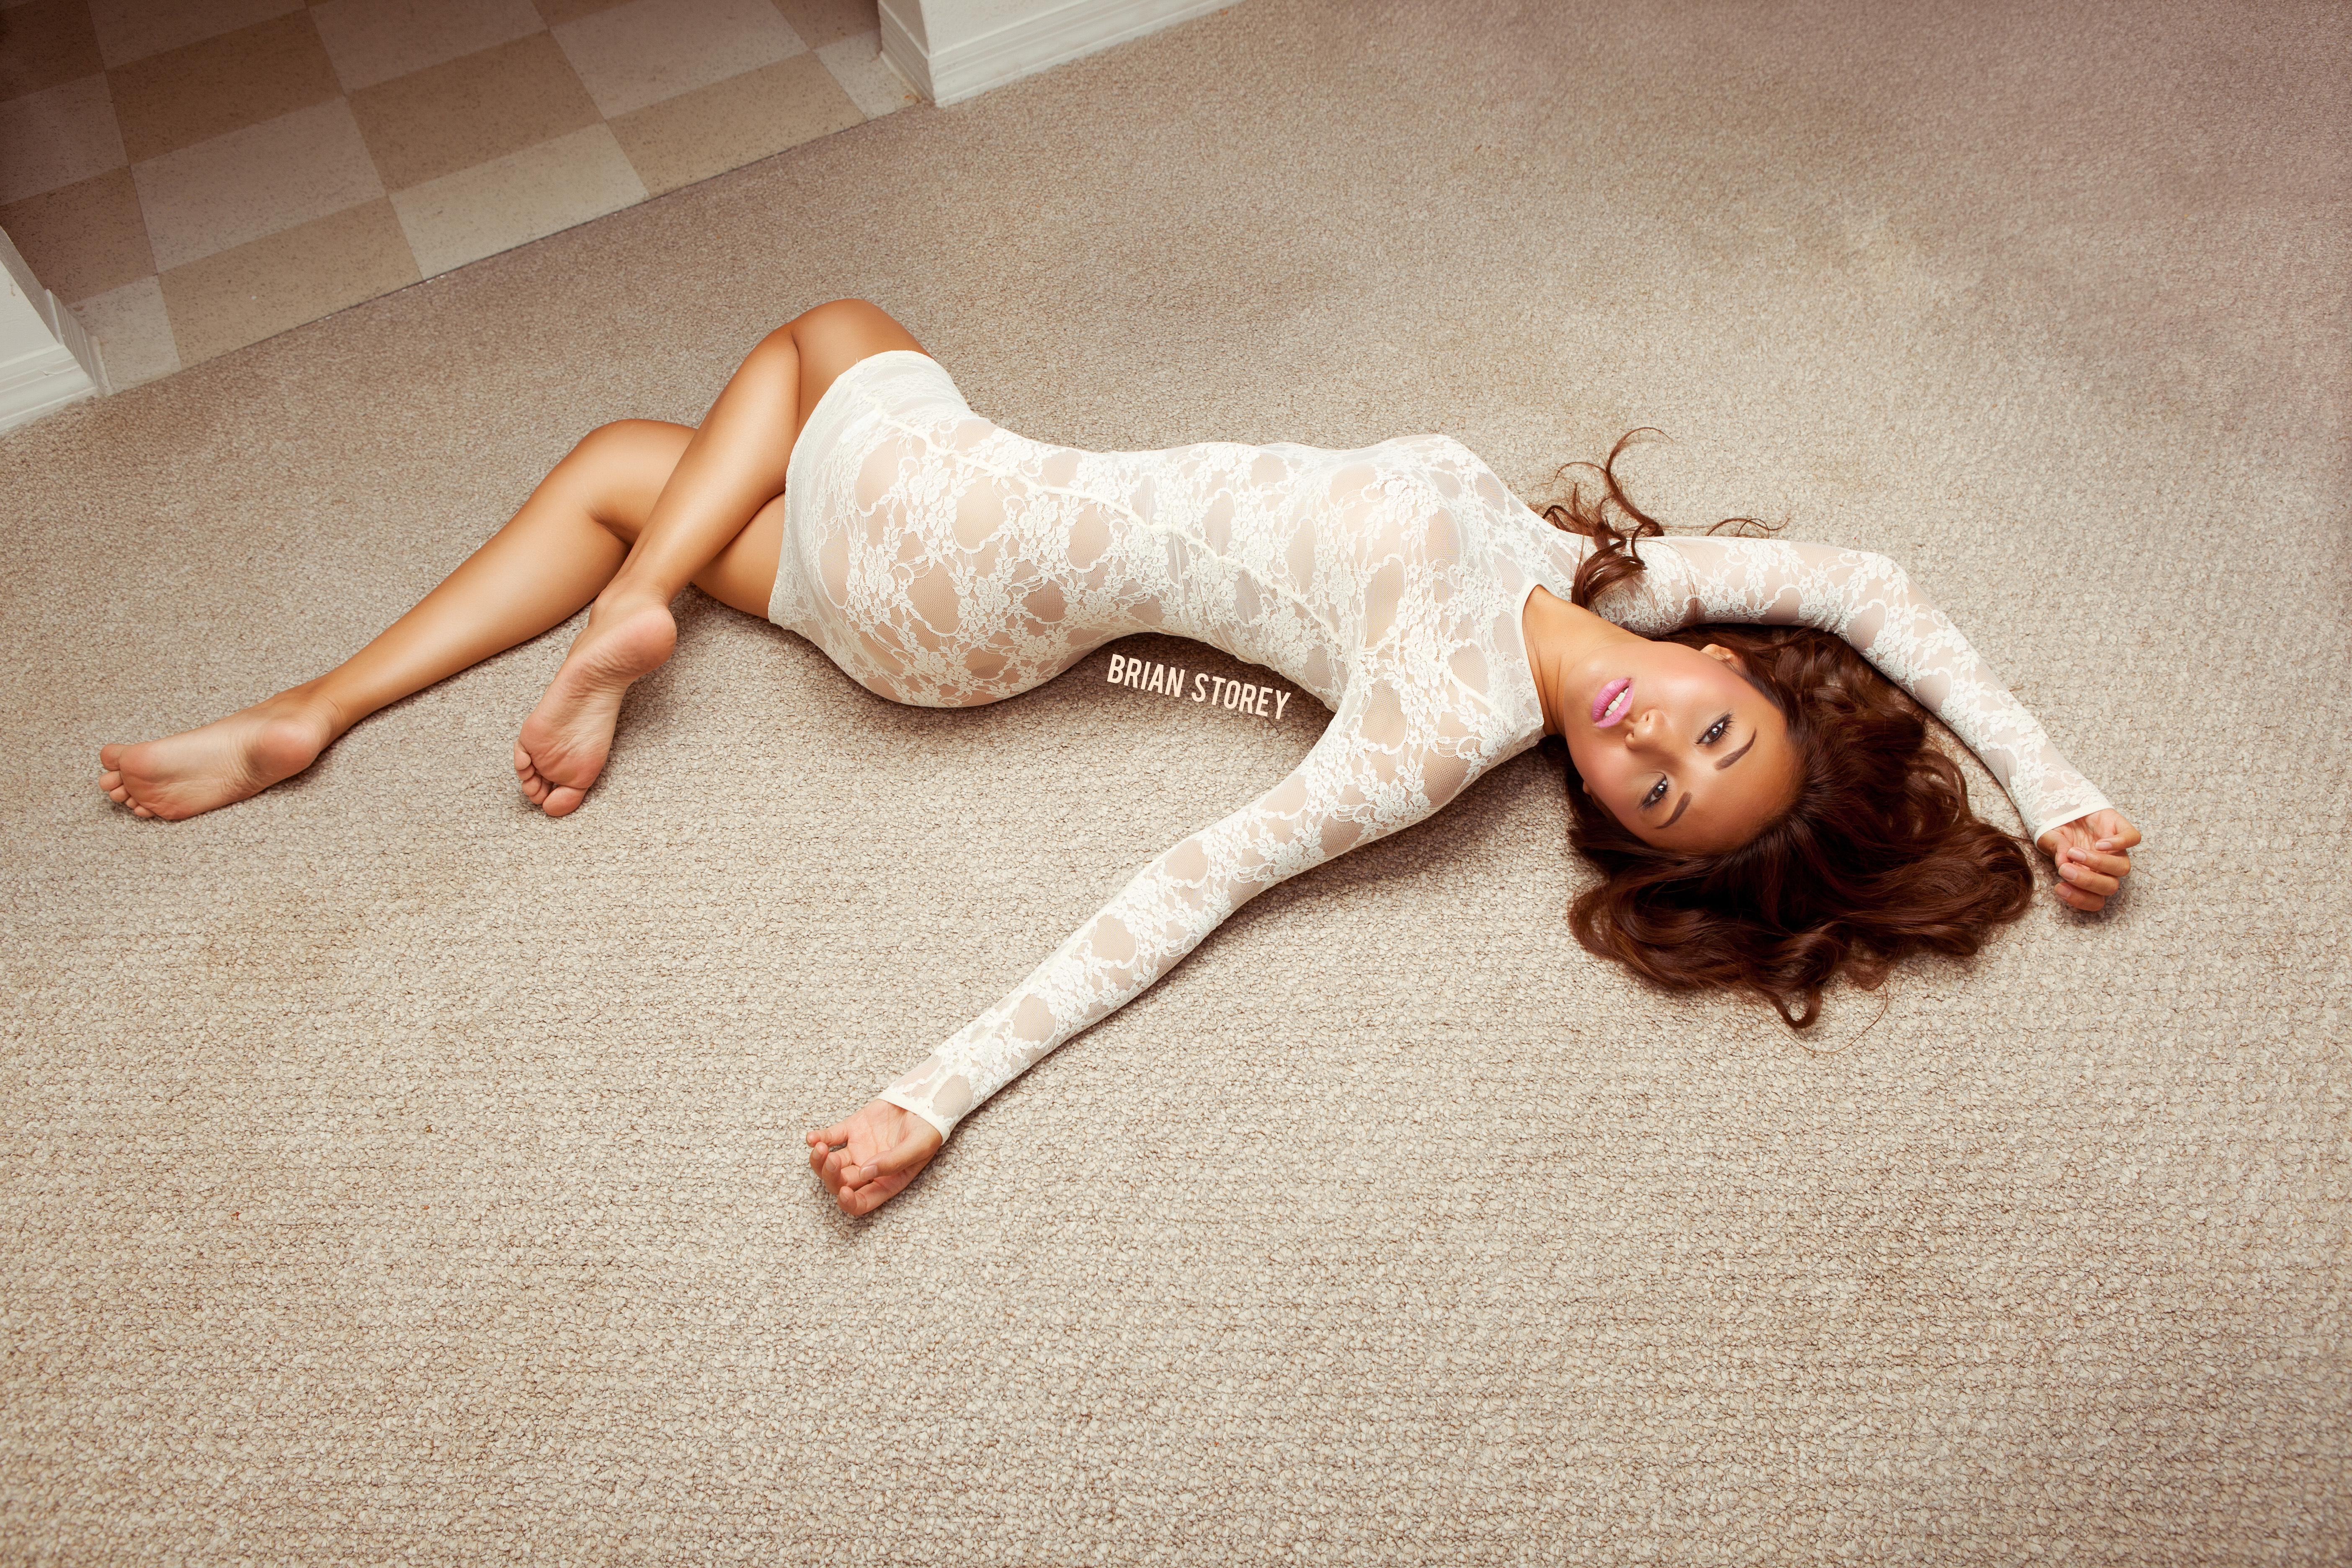 Худощавая цыпочка лежит голышом на полу спальни  314349